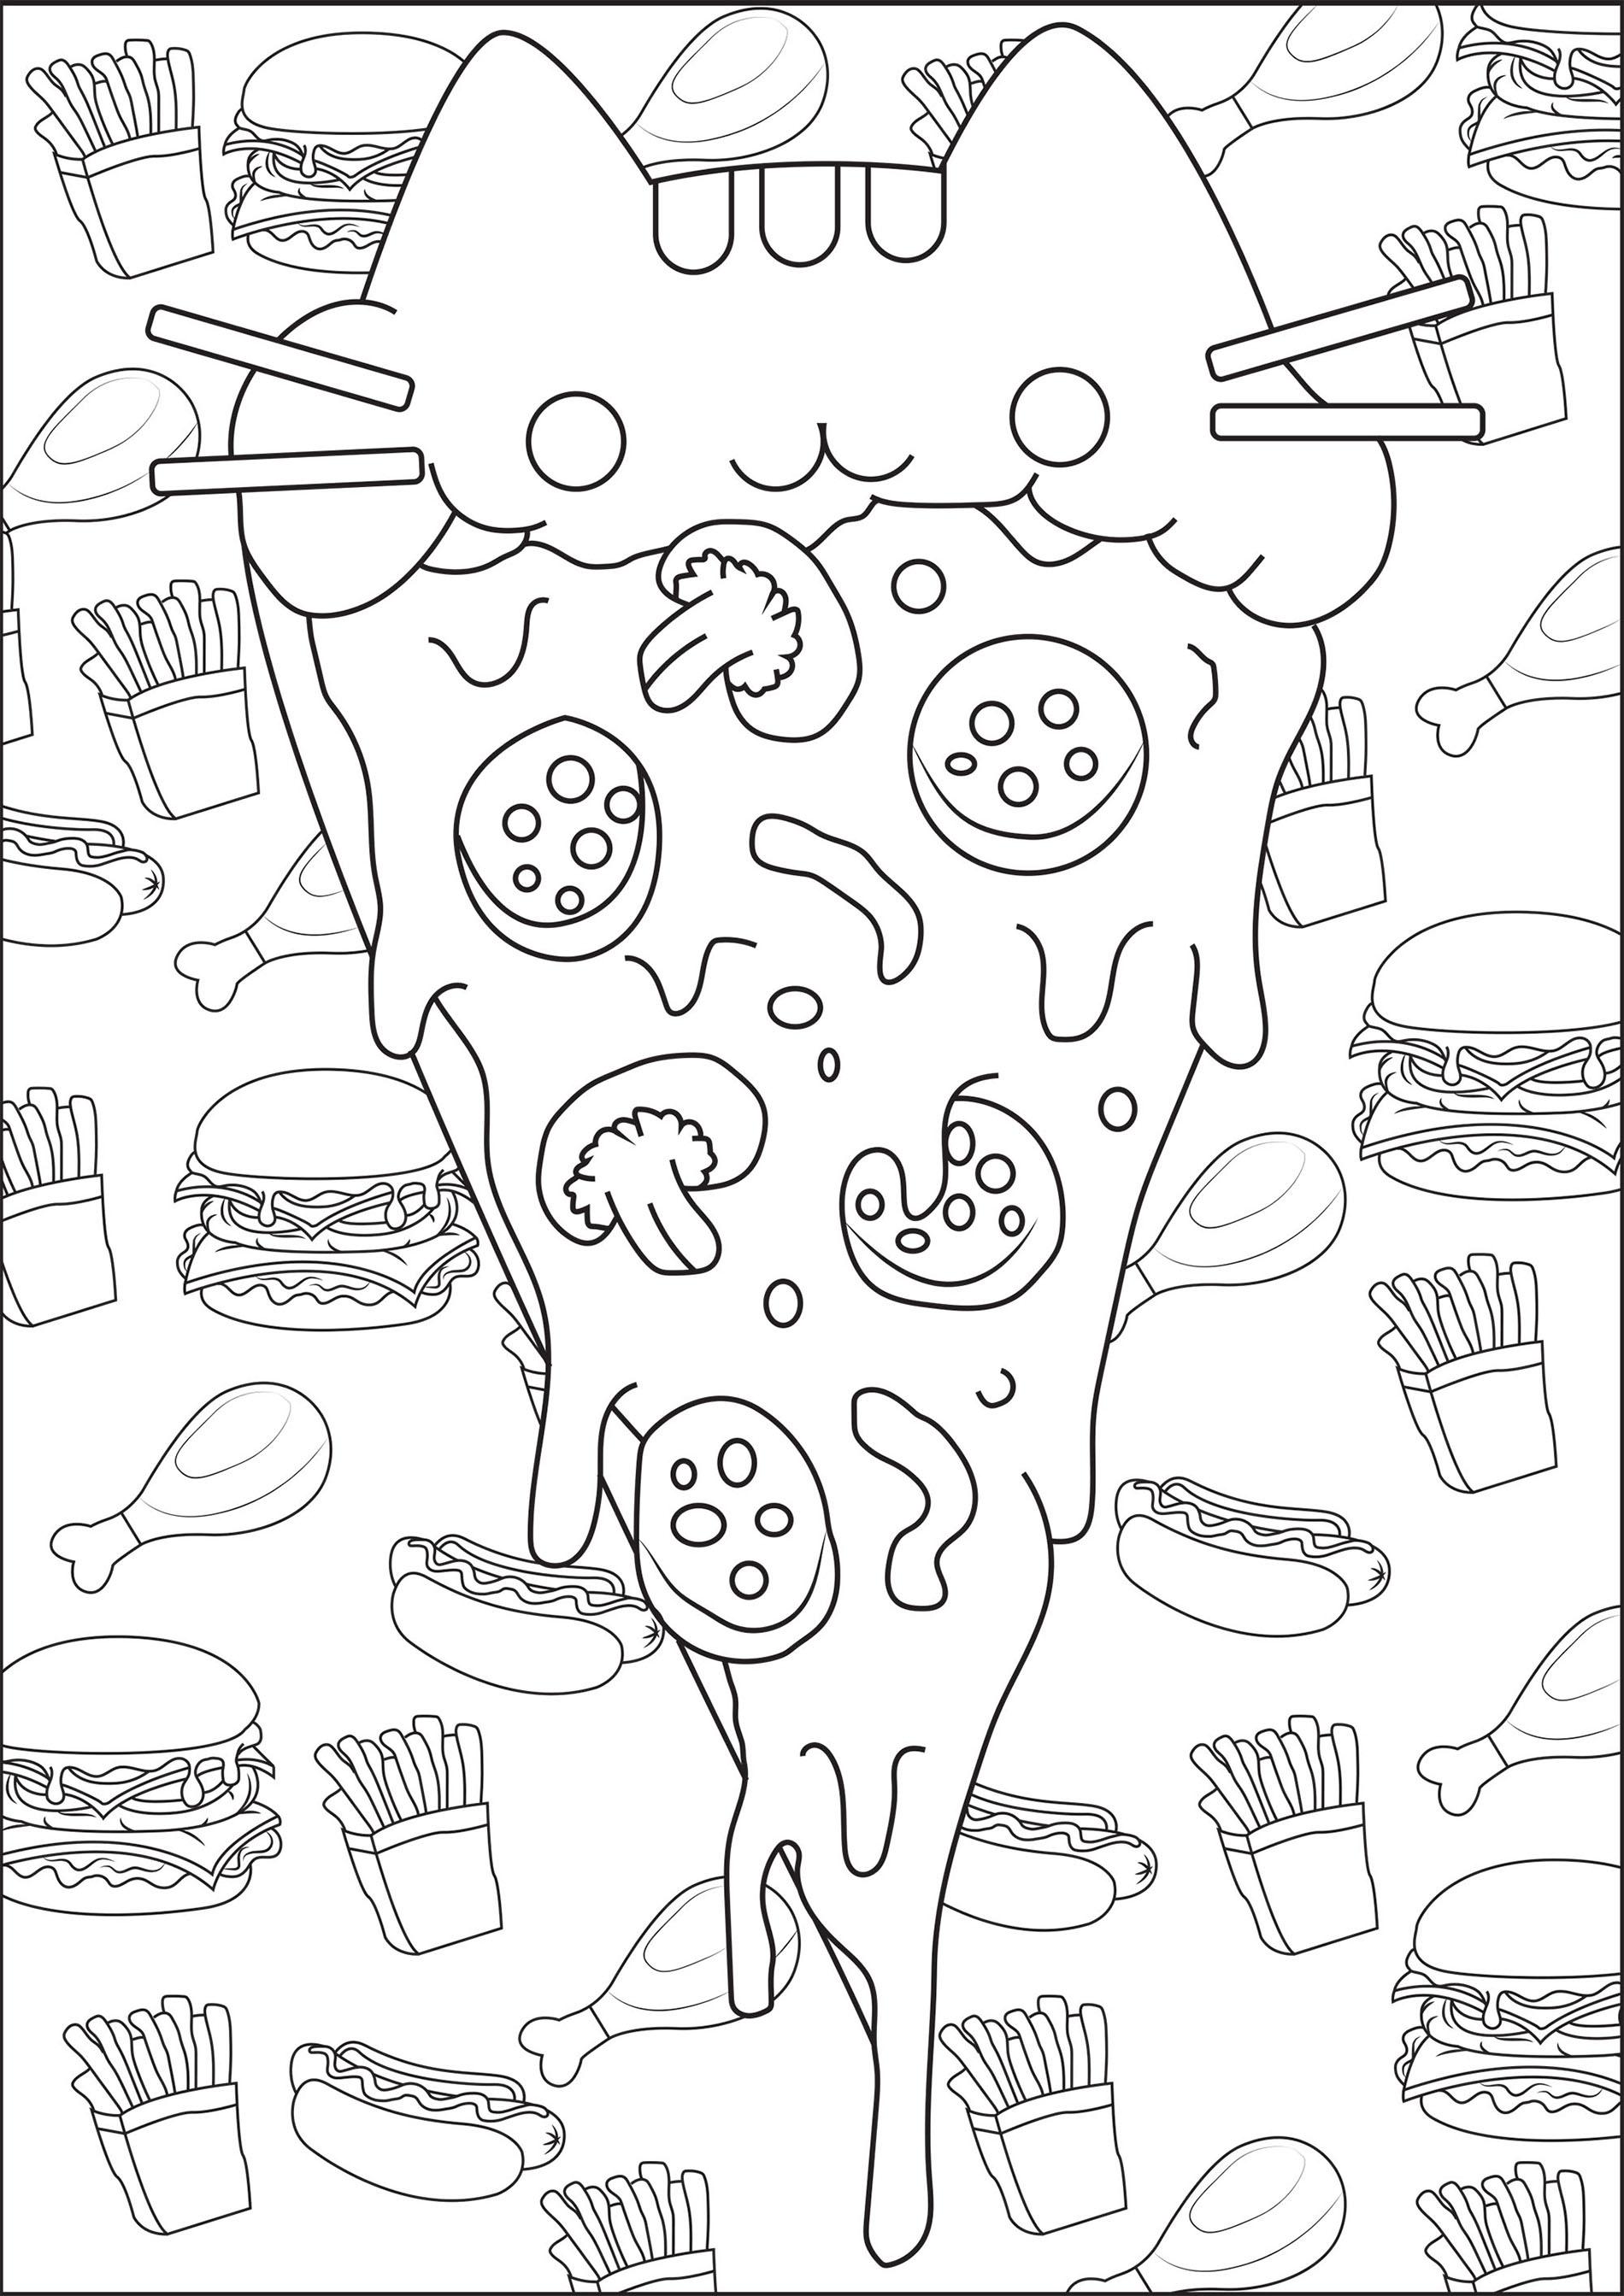 Pizza Pusheen - Coloriage Pusheen - Coloriages Pour Enfants pour Coloriage